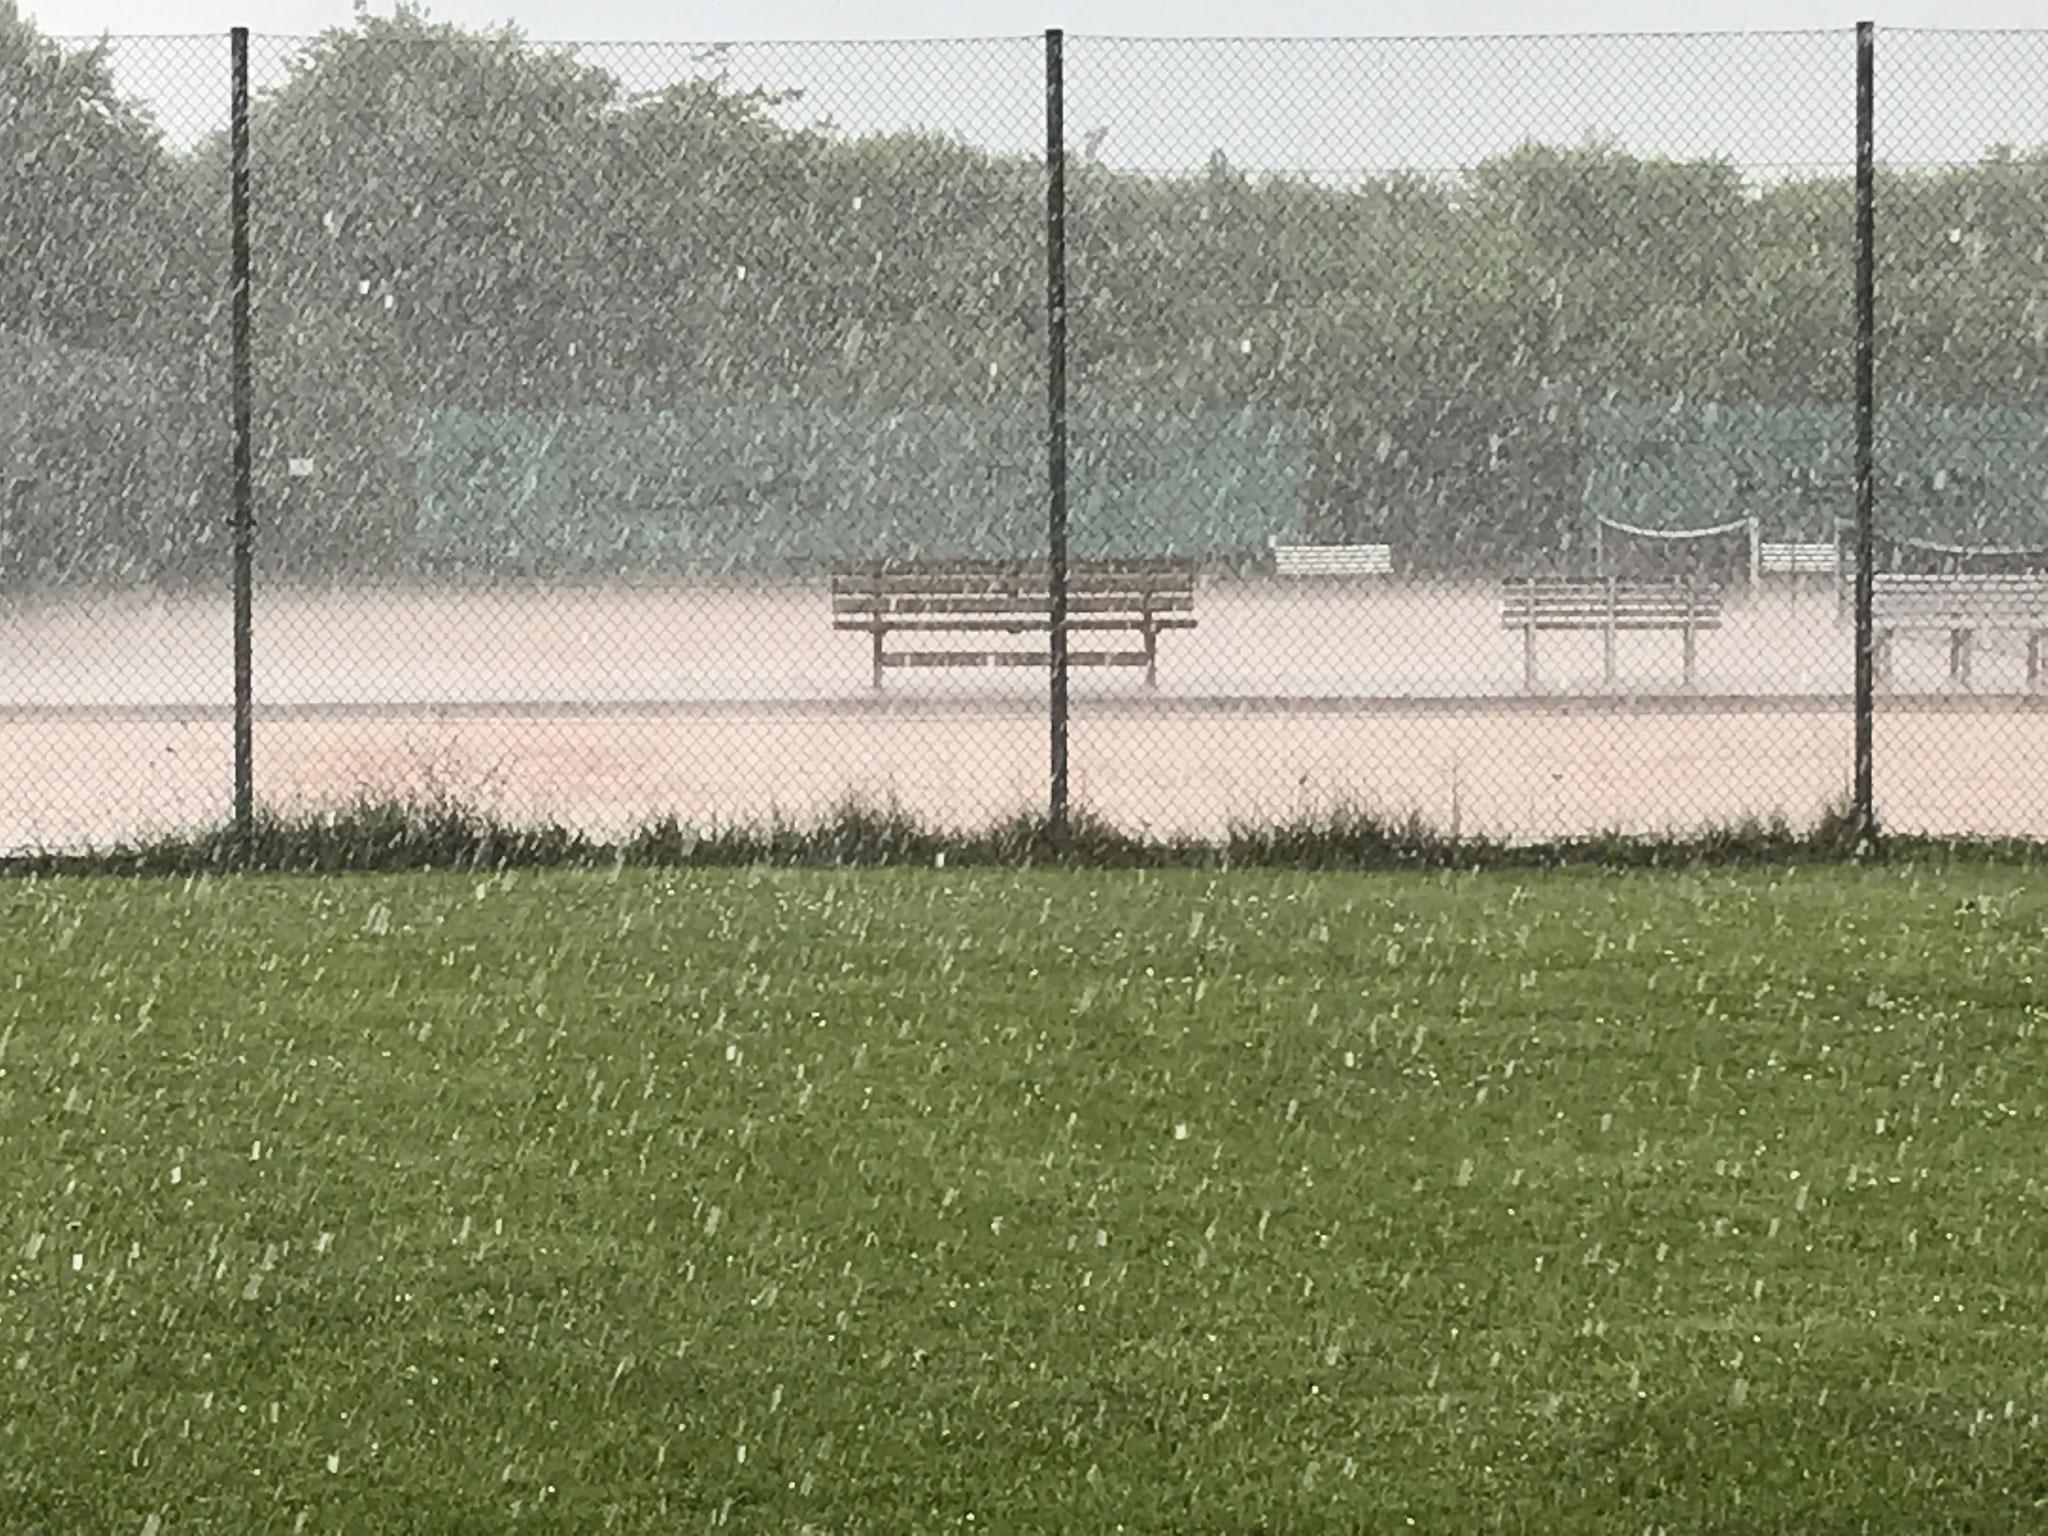 Hagel und Starkregen setzen die Plätze binnen Sekunden unter Wasser